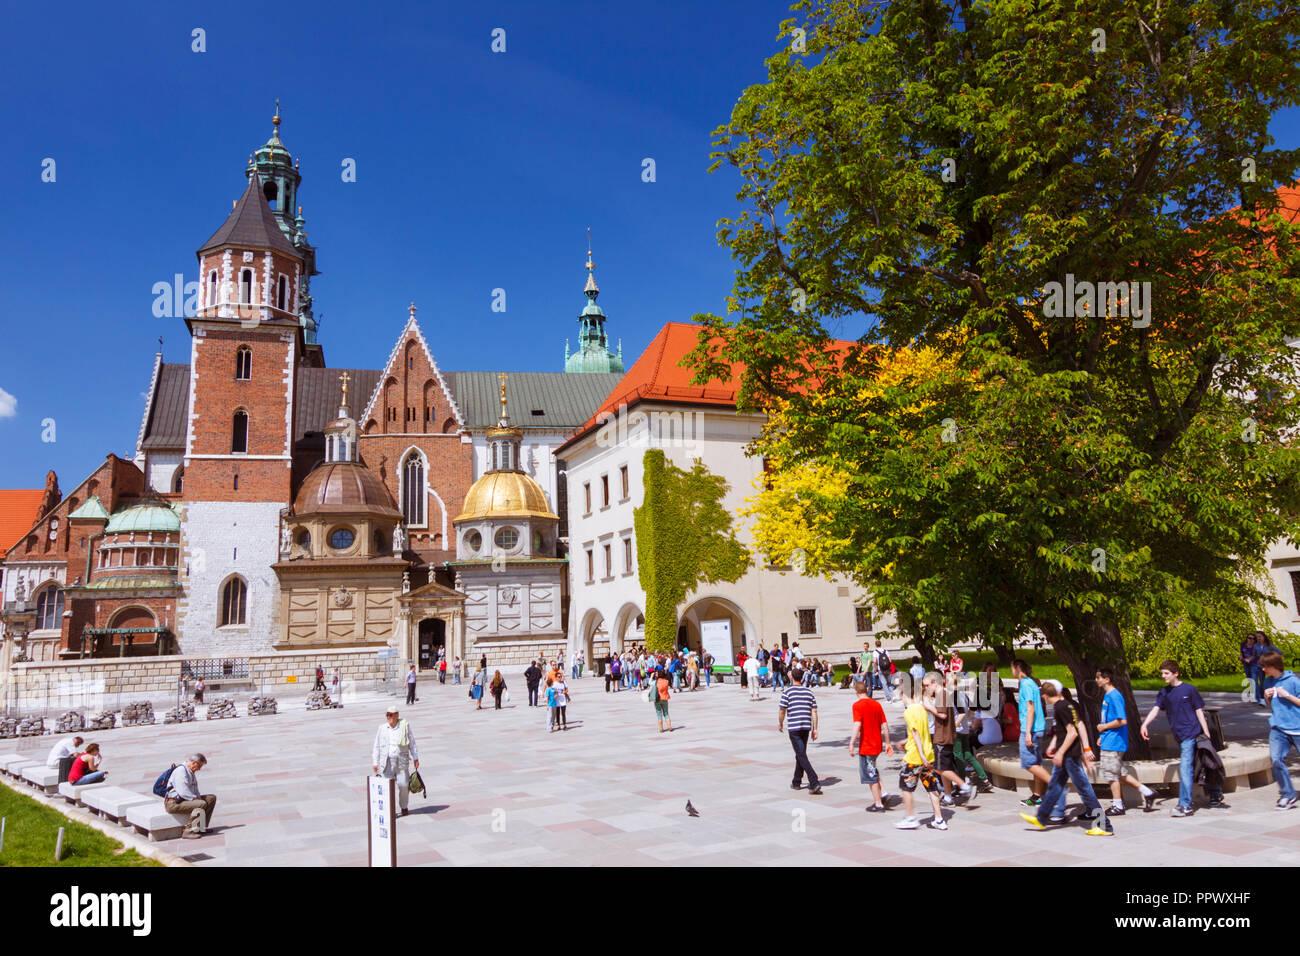 Krakau, Polen: Touristen zu Fuß rund um die Kathedrale auf dem Wawel Wawel Hill. Erste erbaut und im 11. Jahrhundert zerstört; der Bau Der curren Stockbild